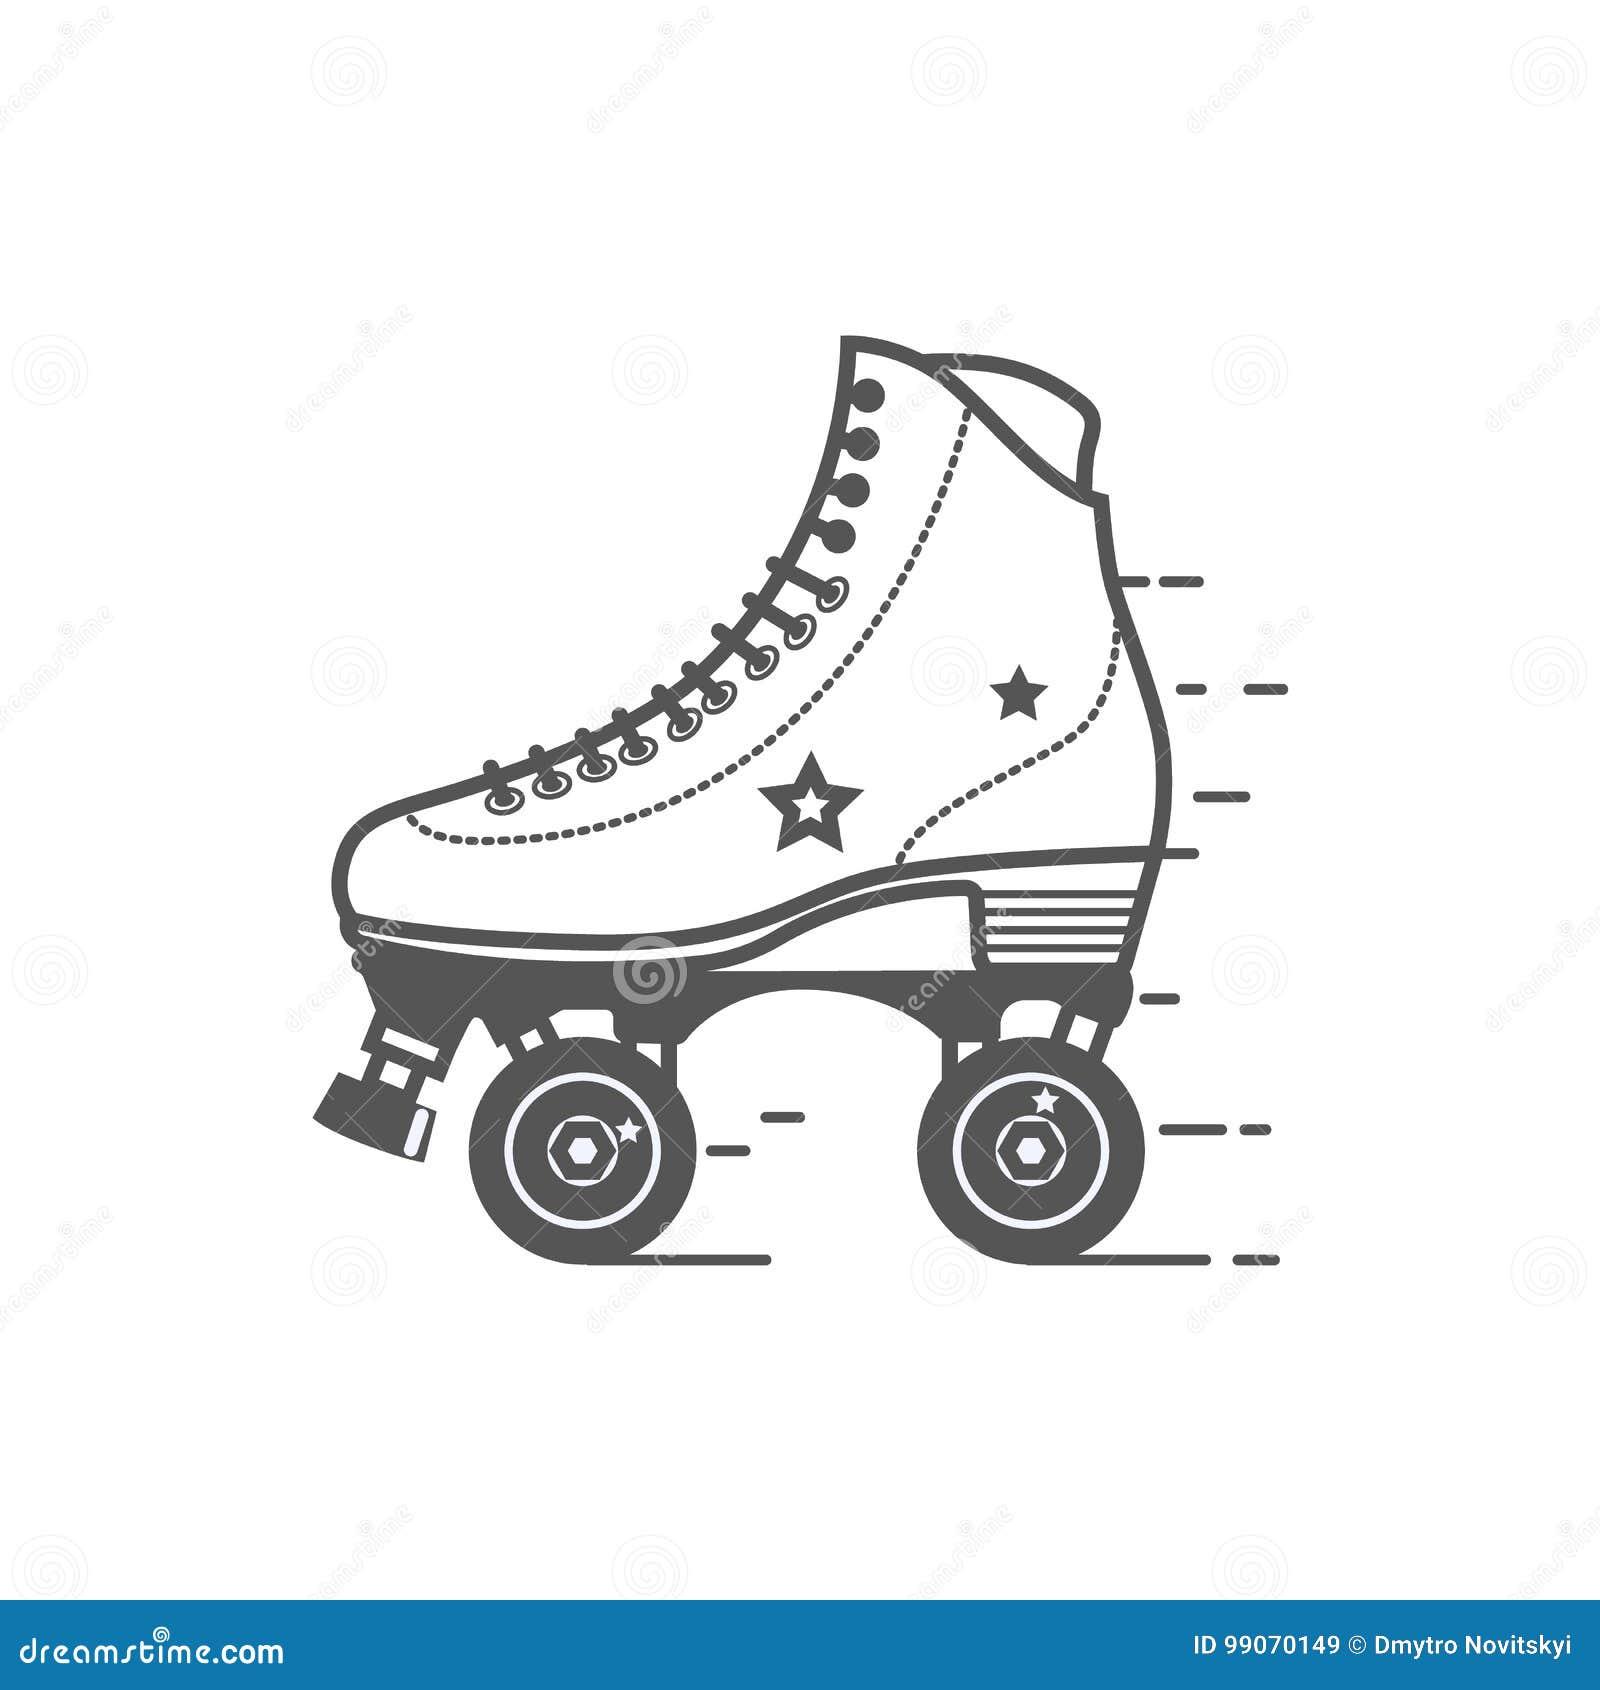 roller skate stock illustrations 2171 roller skate stock illustrations vectors clipart dreamstime